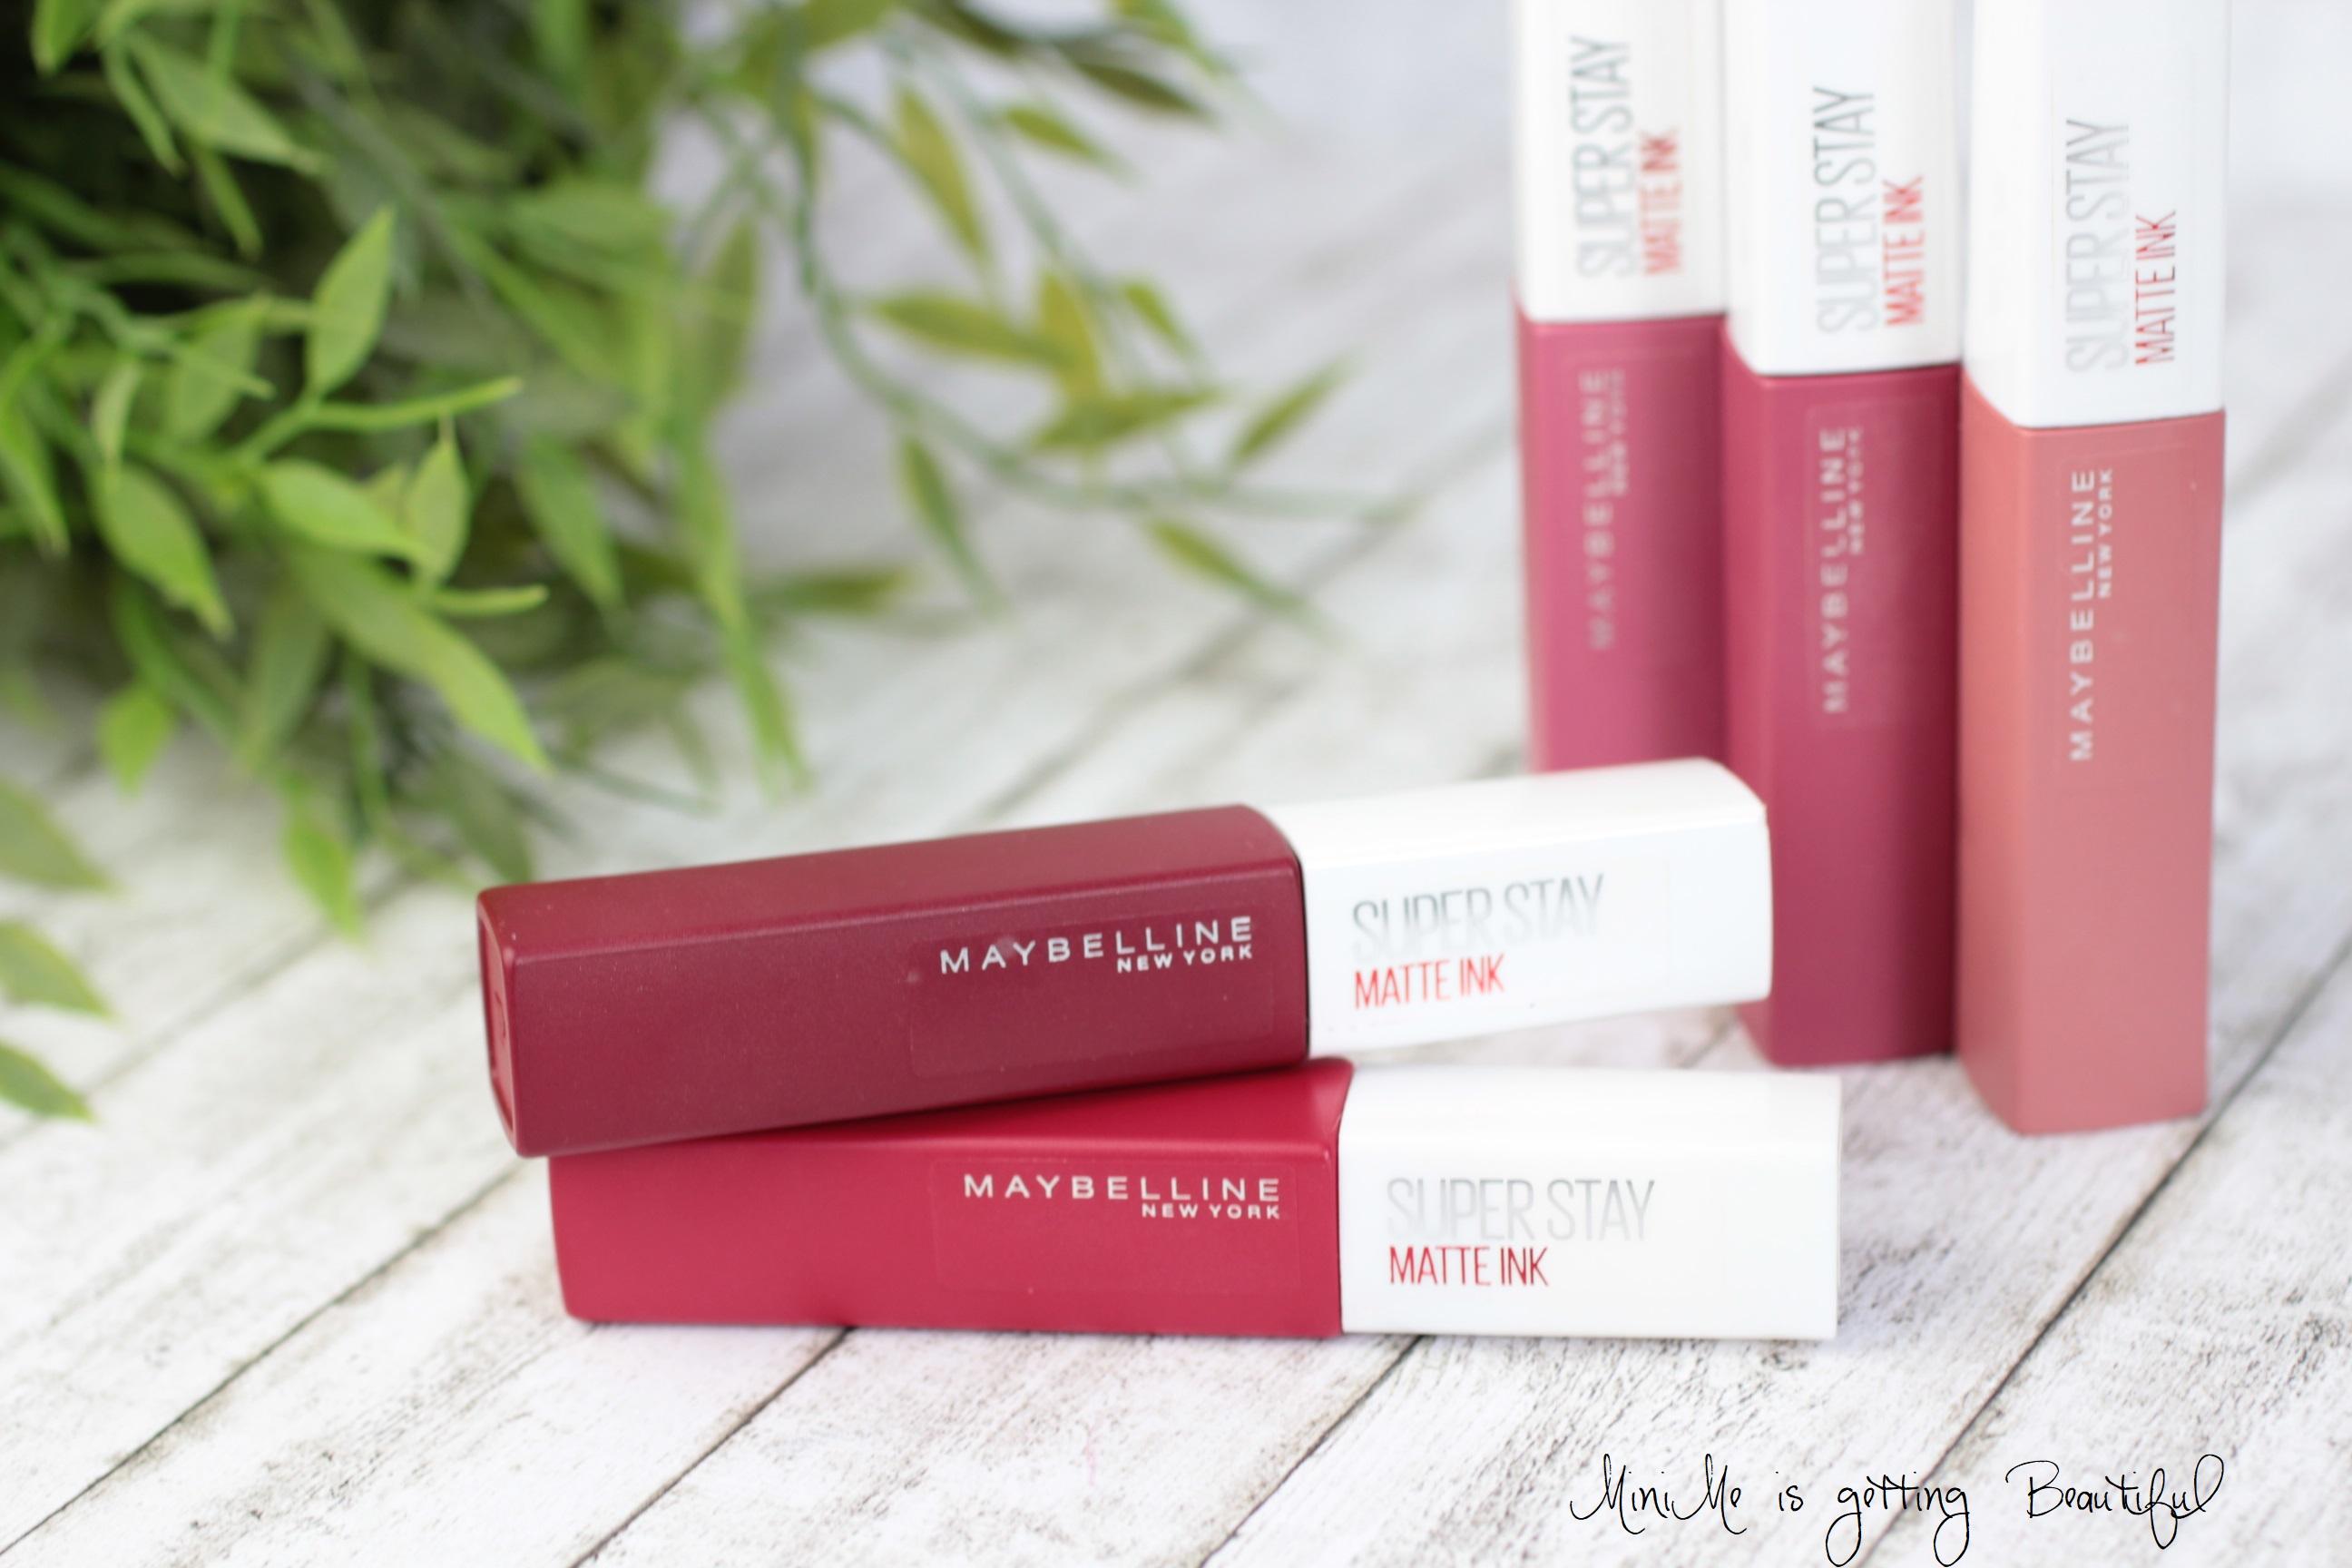 Wie Sind Die Neuen Maybelline Super Stay Matte Ink Lippenstifte